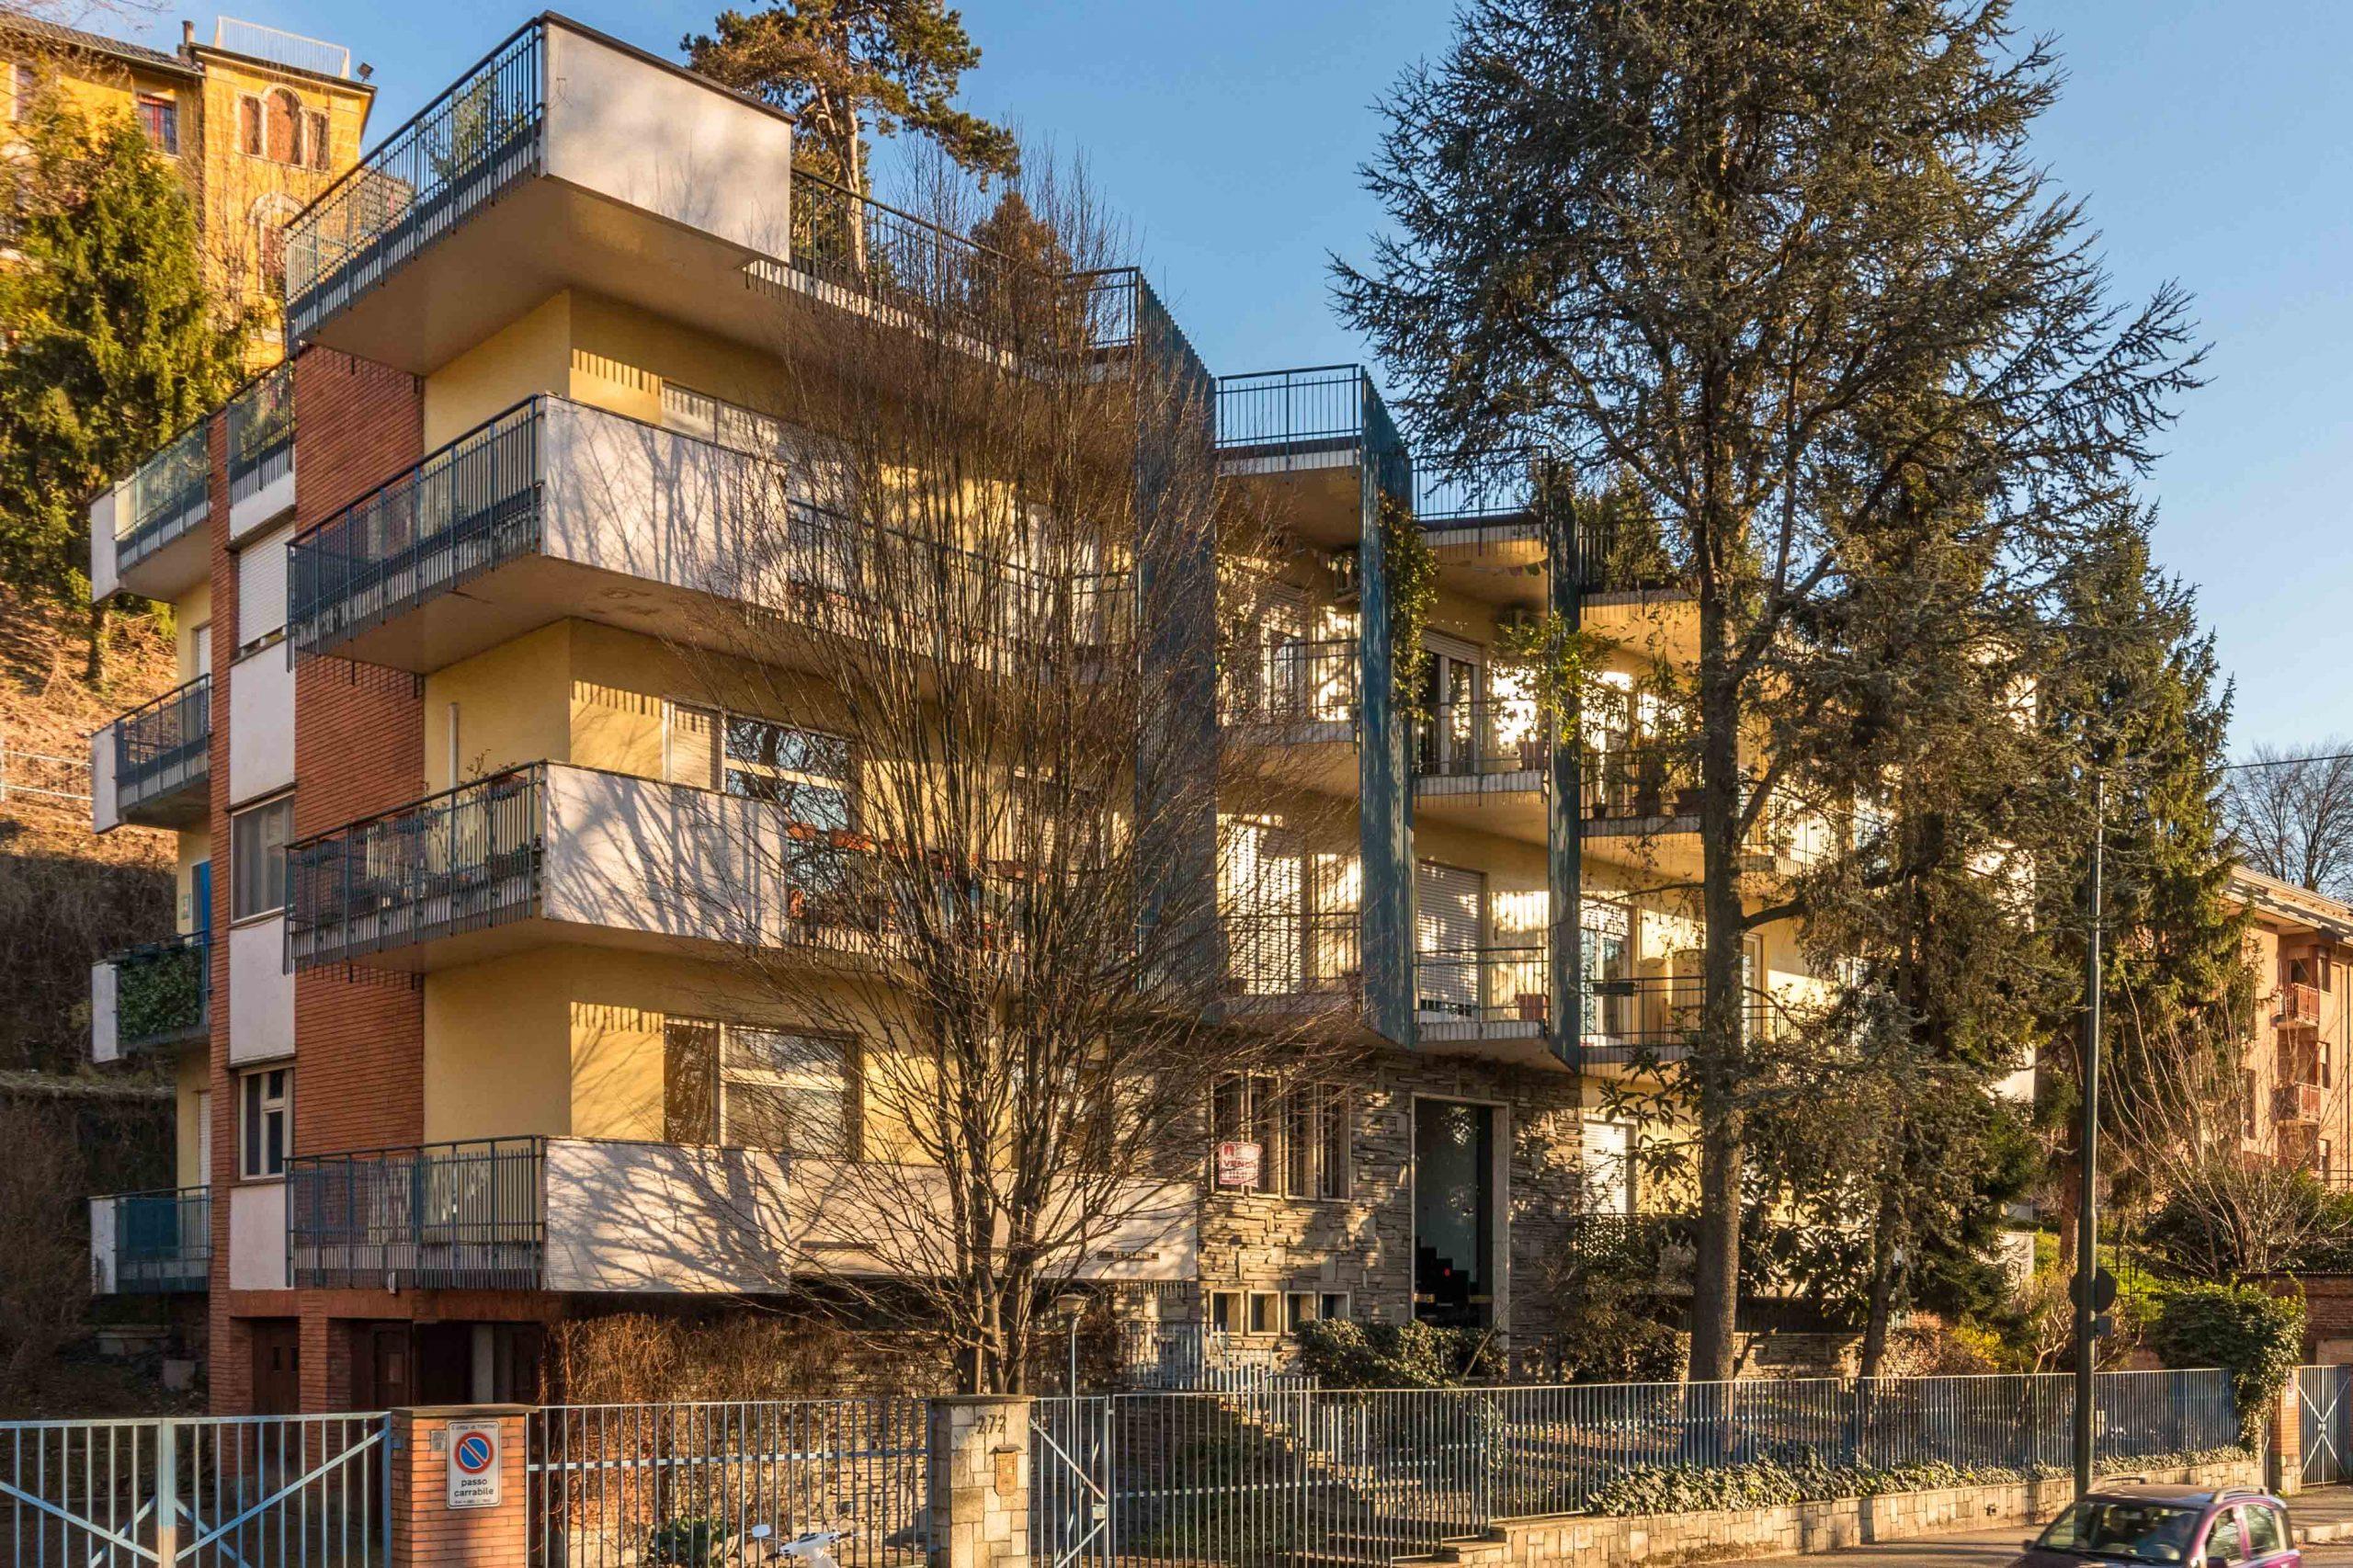 Monolocale in vendita in corso Casale 272, Torino.